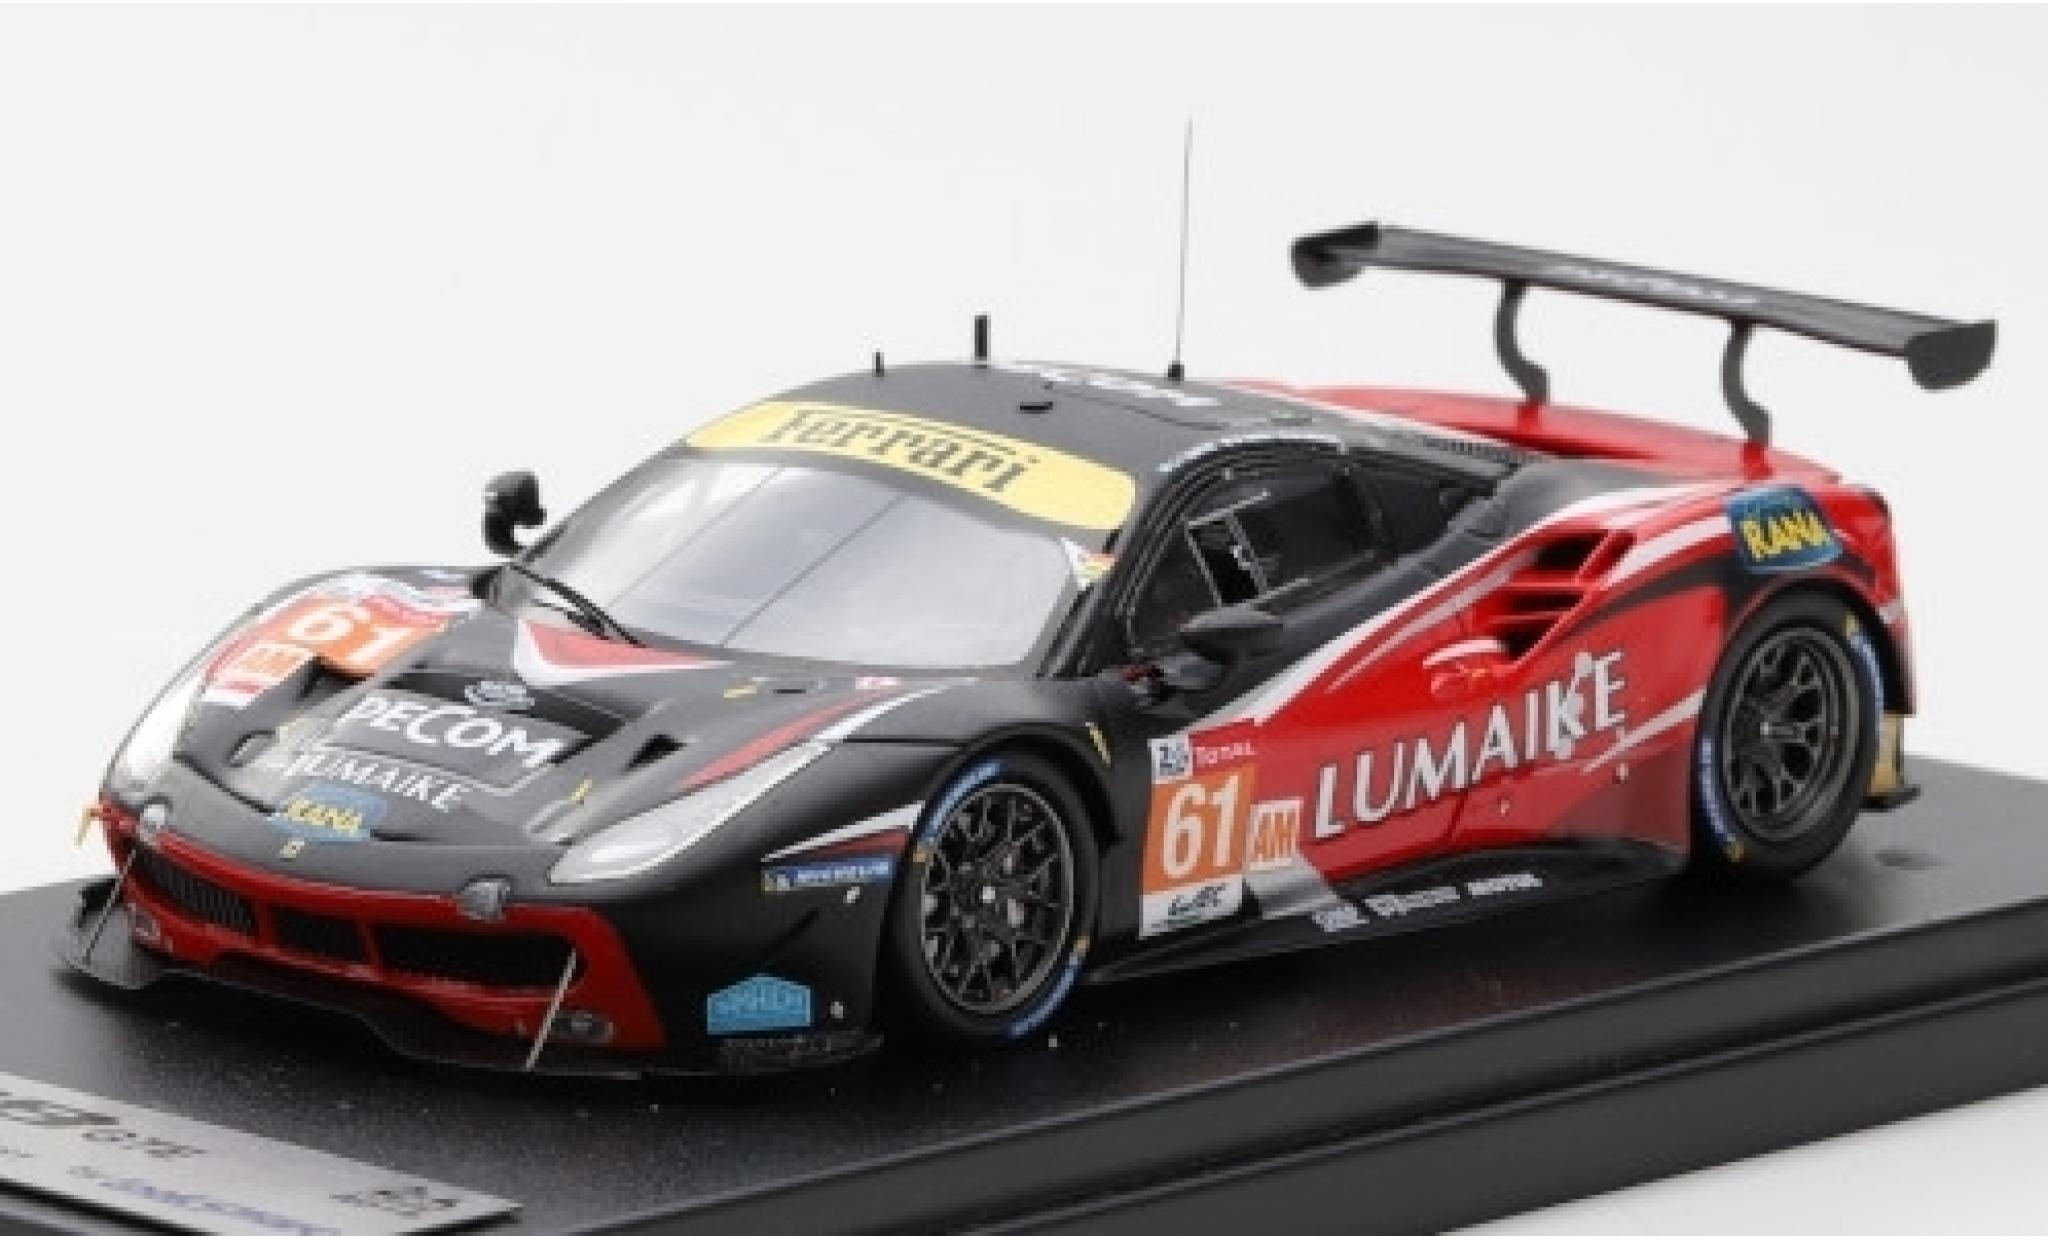 Ferrari 488 1/43 Look Smart GTE No.61 Clearwater Racing Lumaike 24h Le Mans 2019 M.Griffin/M.Cressoni/L.Perez-Companc